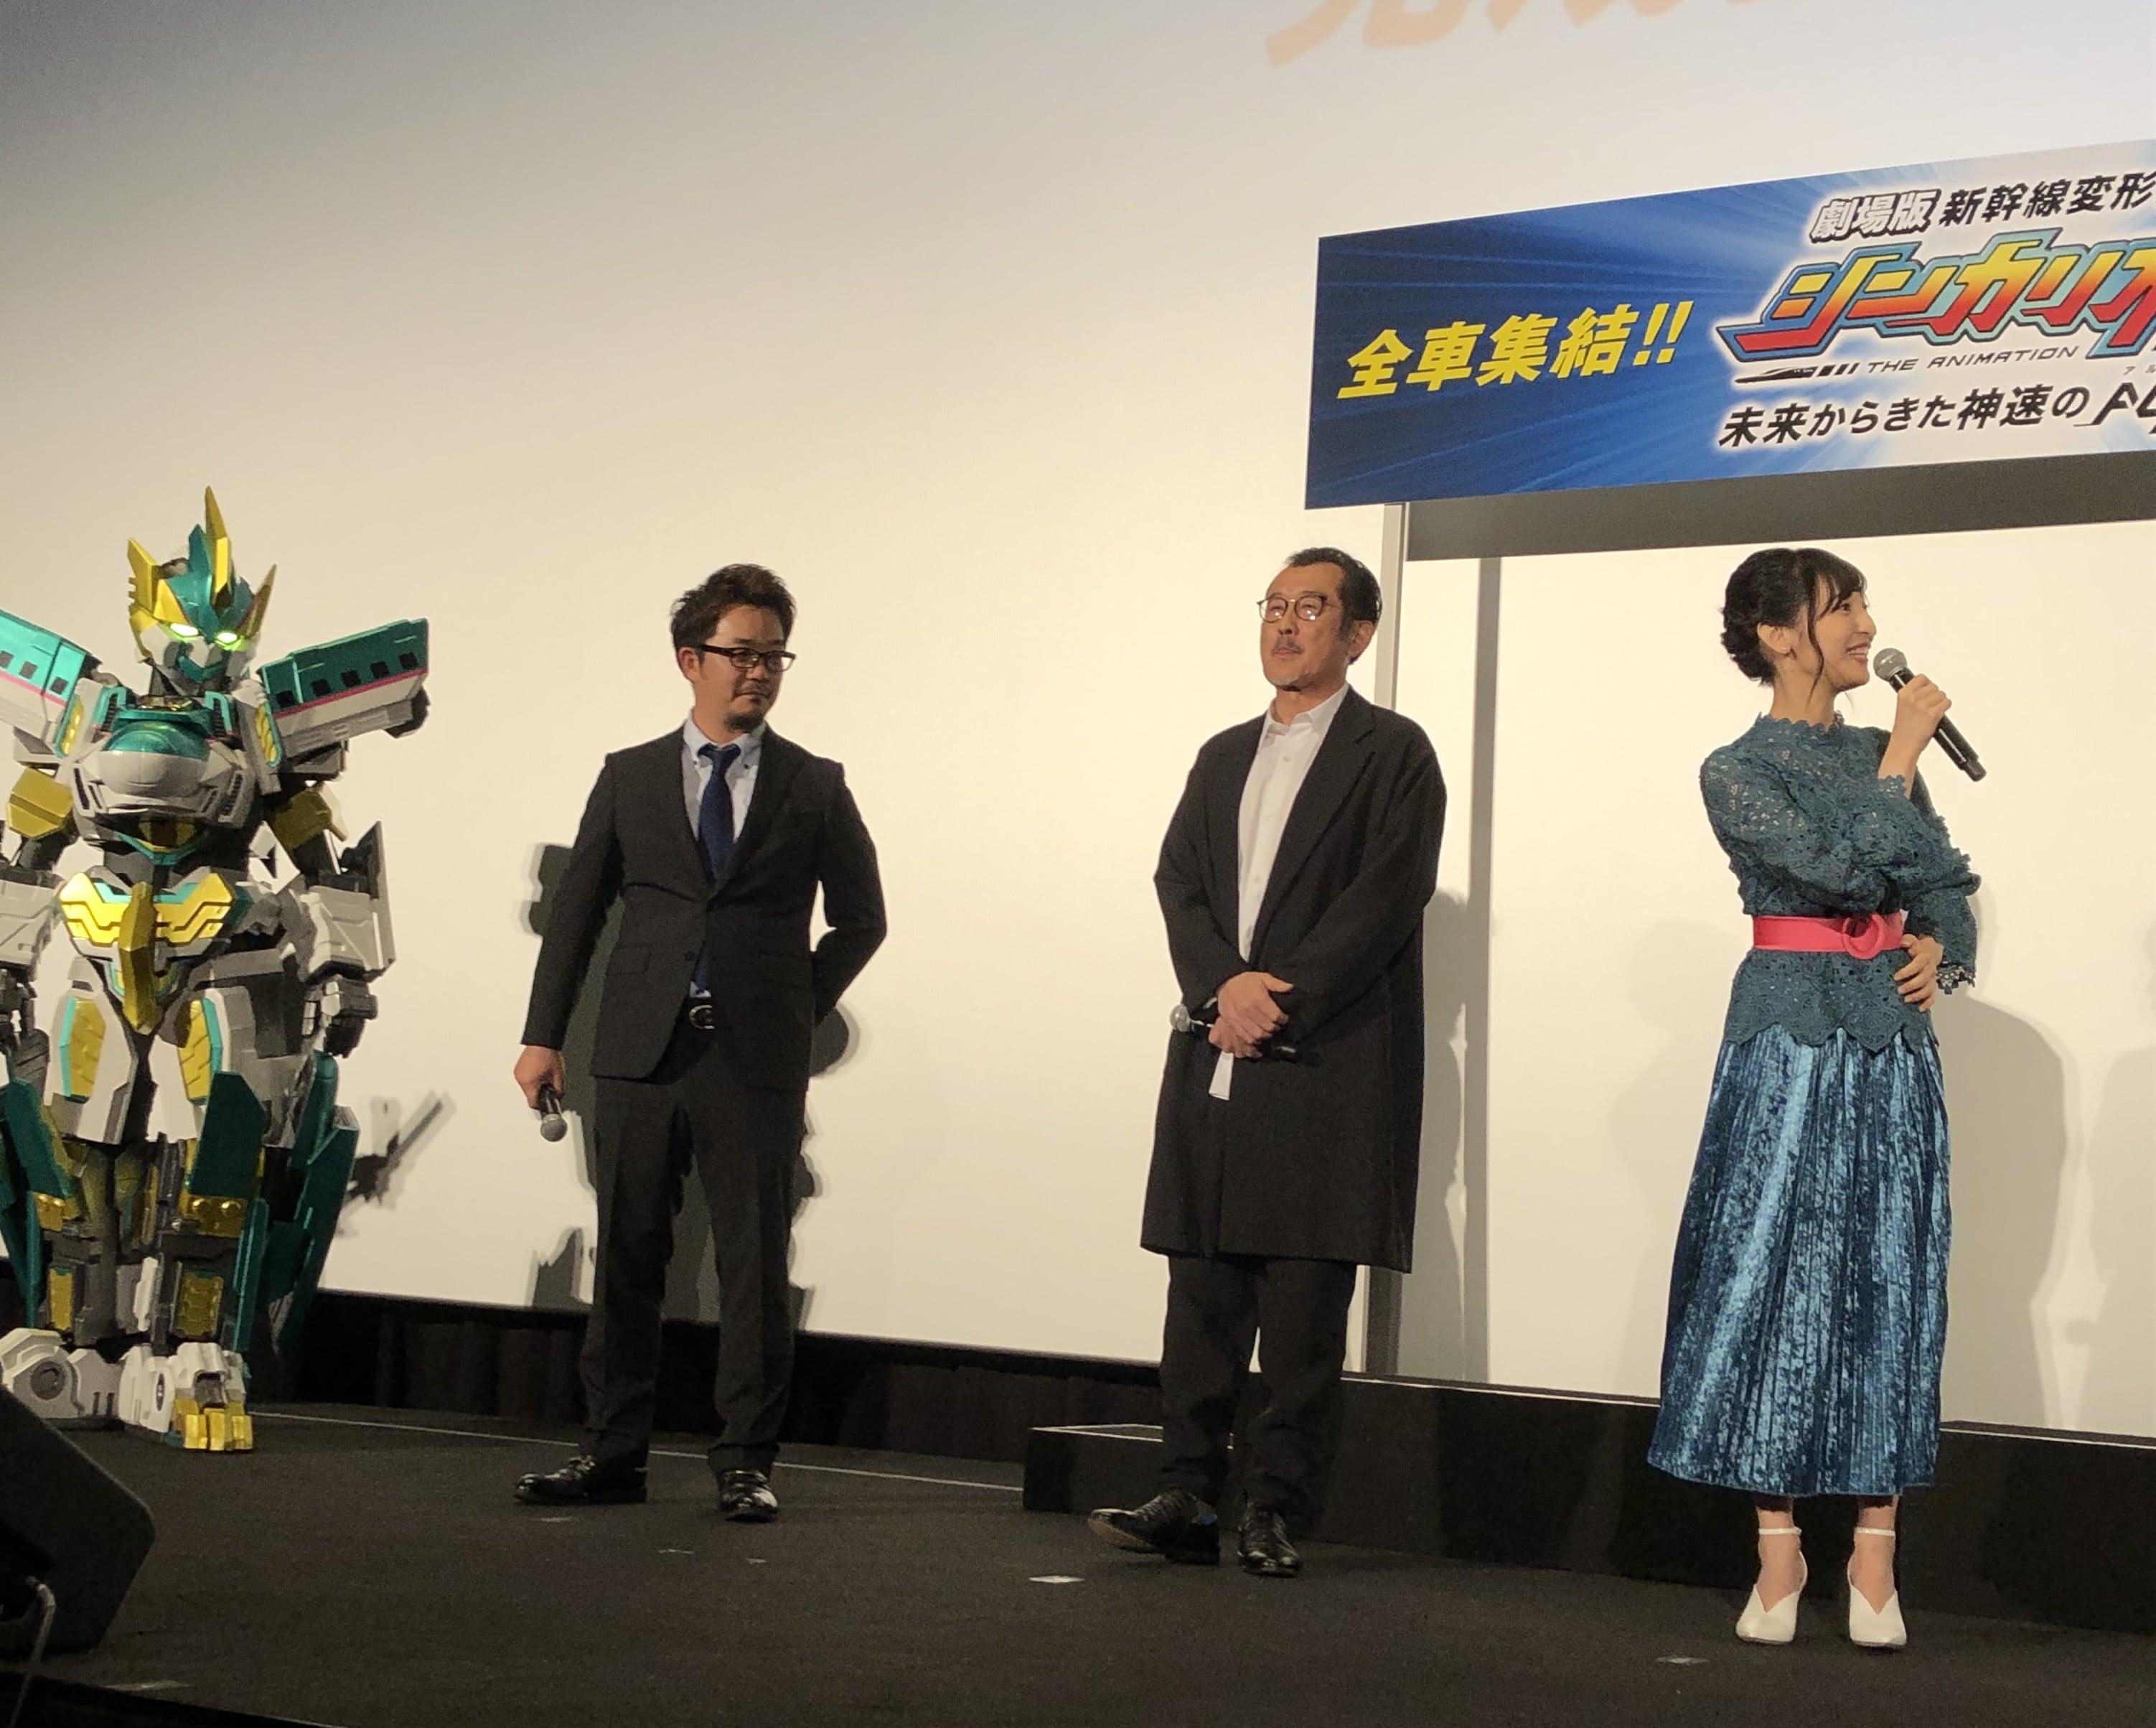 左よりE5はやぶさ MKⅡ、池添監督、吉田鋼太郎さん、佐倉綾音さん